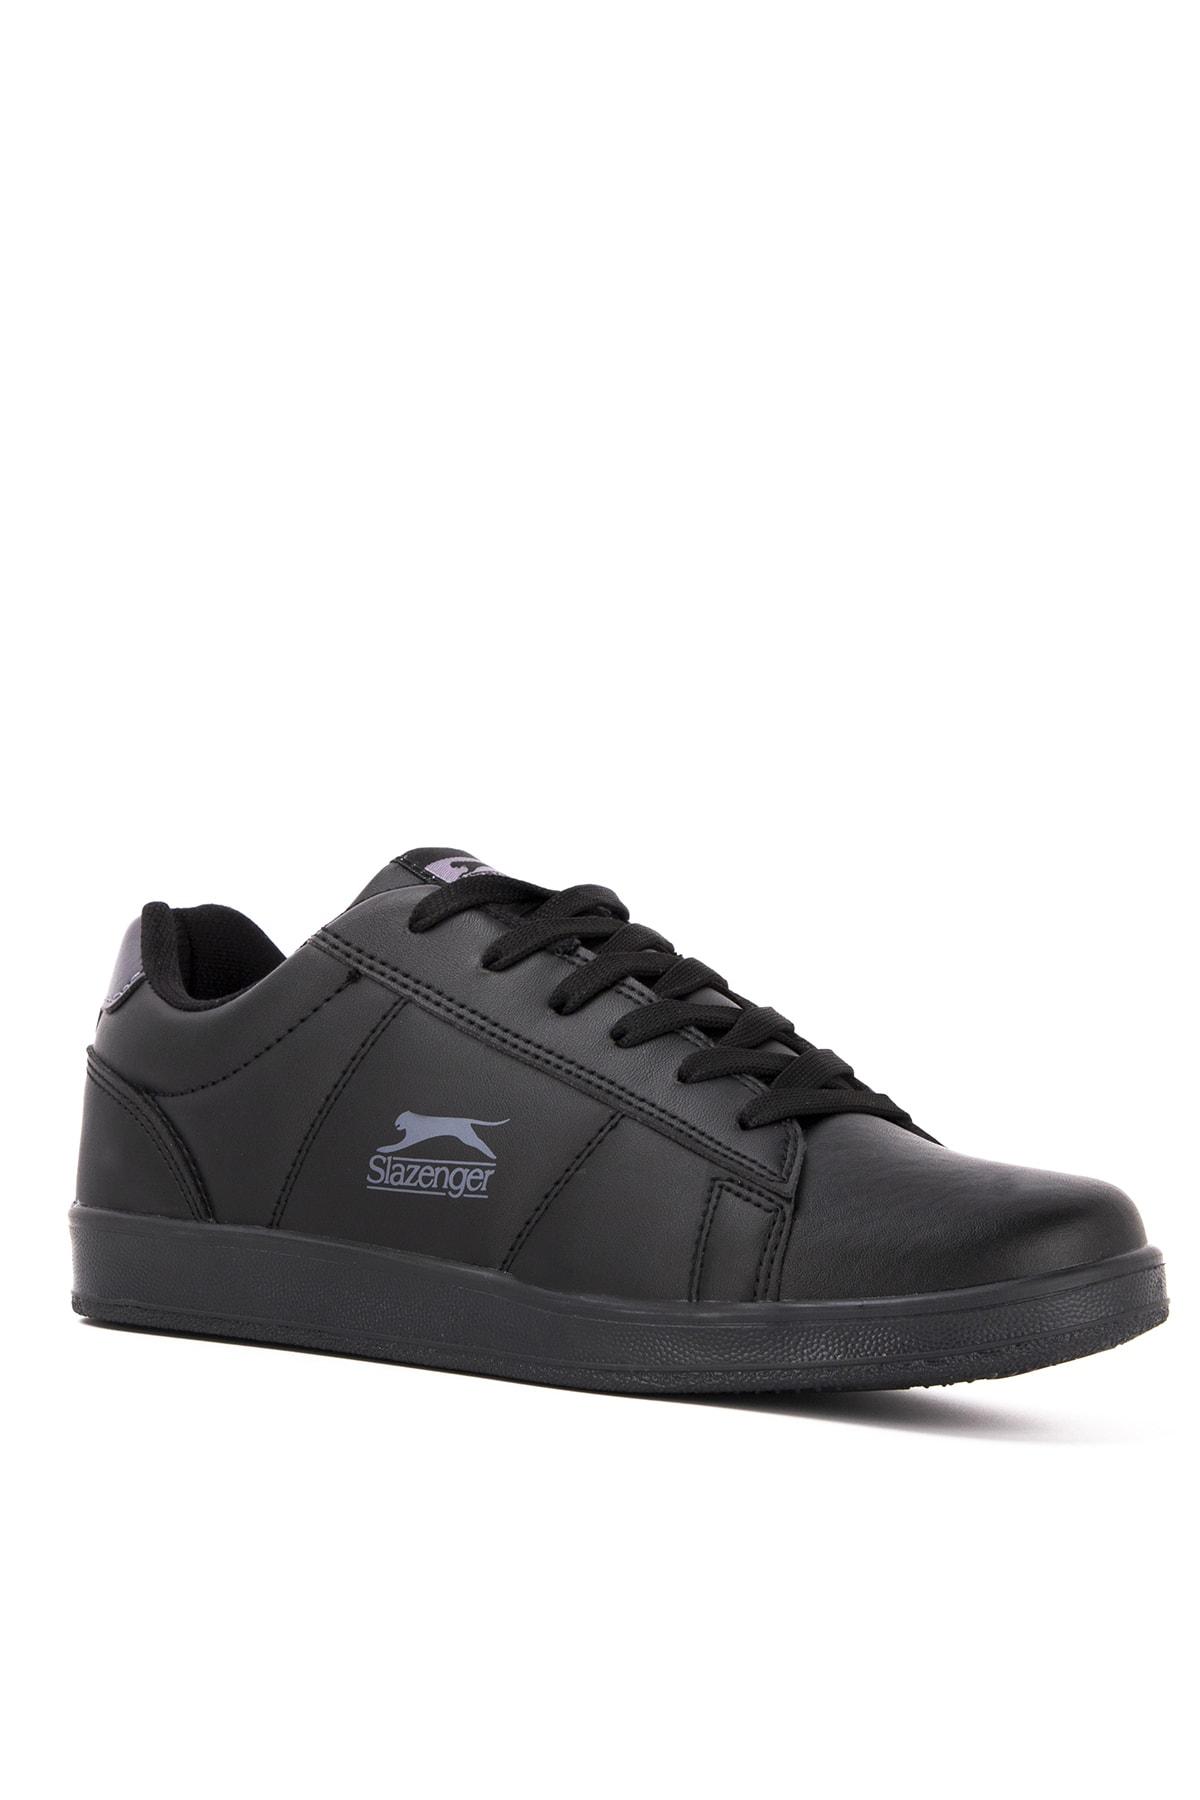 Slazenger Malcom I Günlük Giyim Kadın Ayakkabı Siyah 2